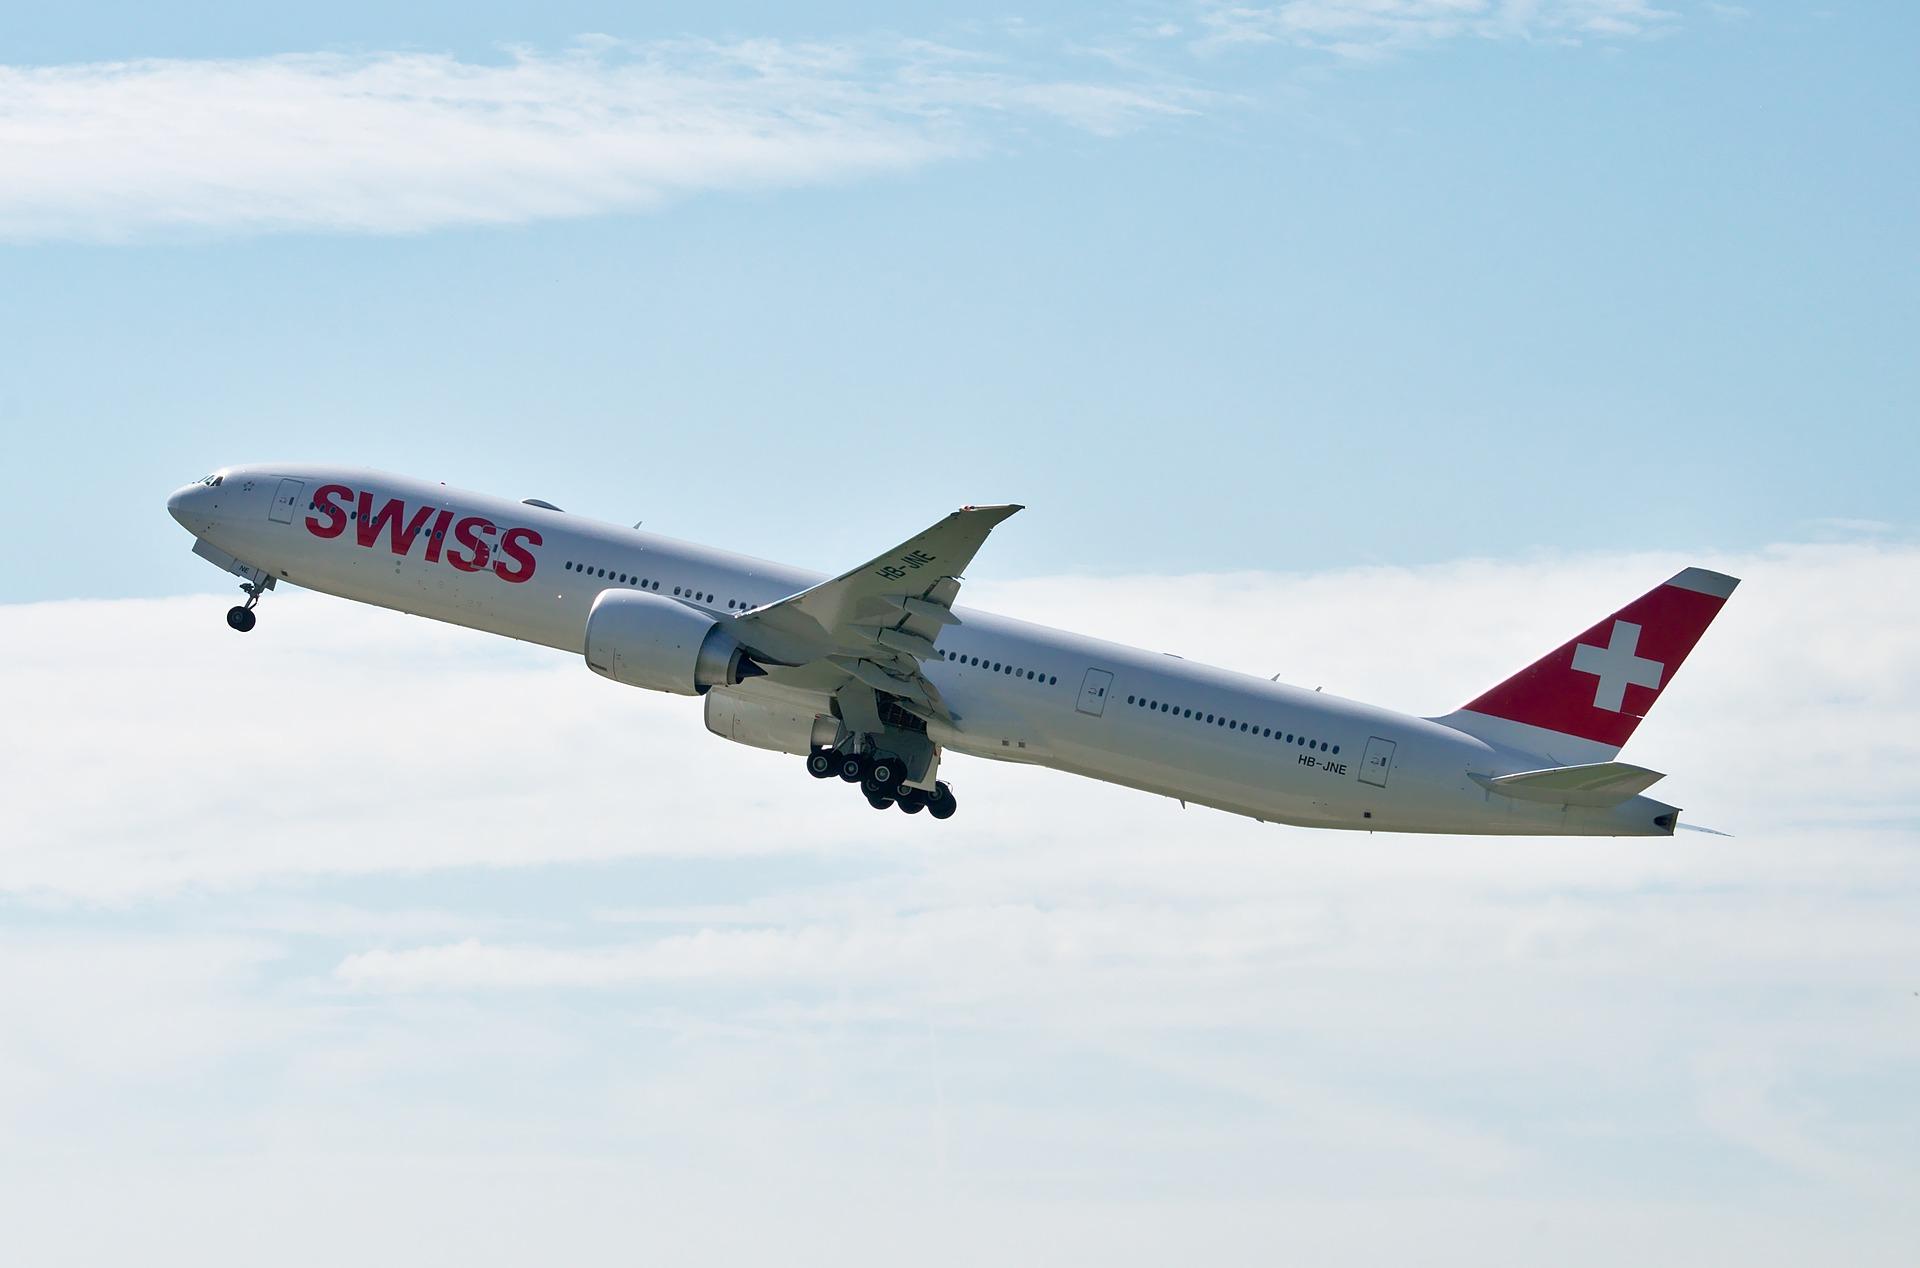 Günstige Flugtickets bei Swissair über unseren Preisvergleich buchen